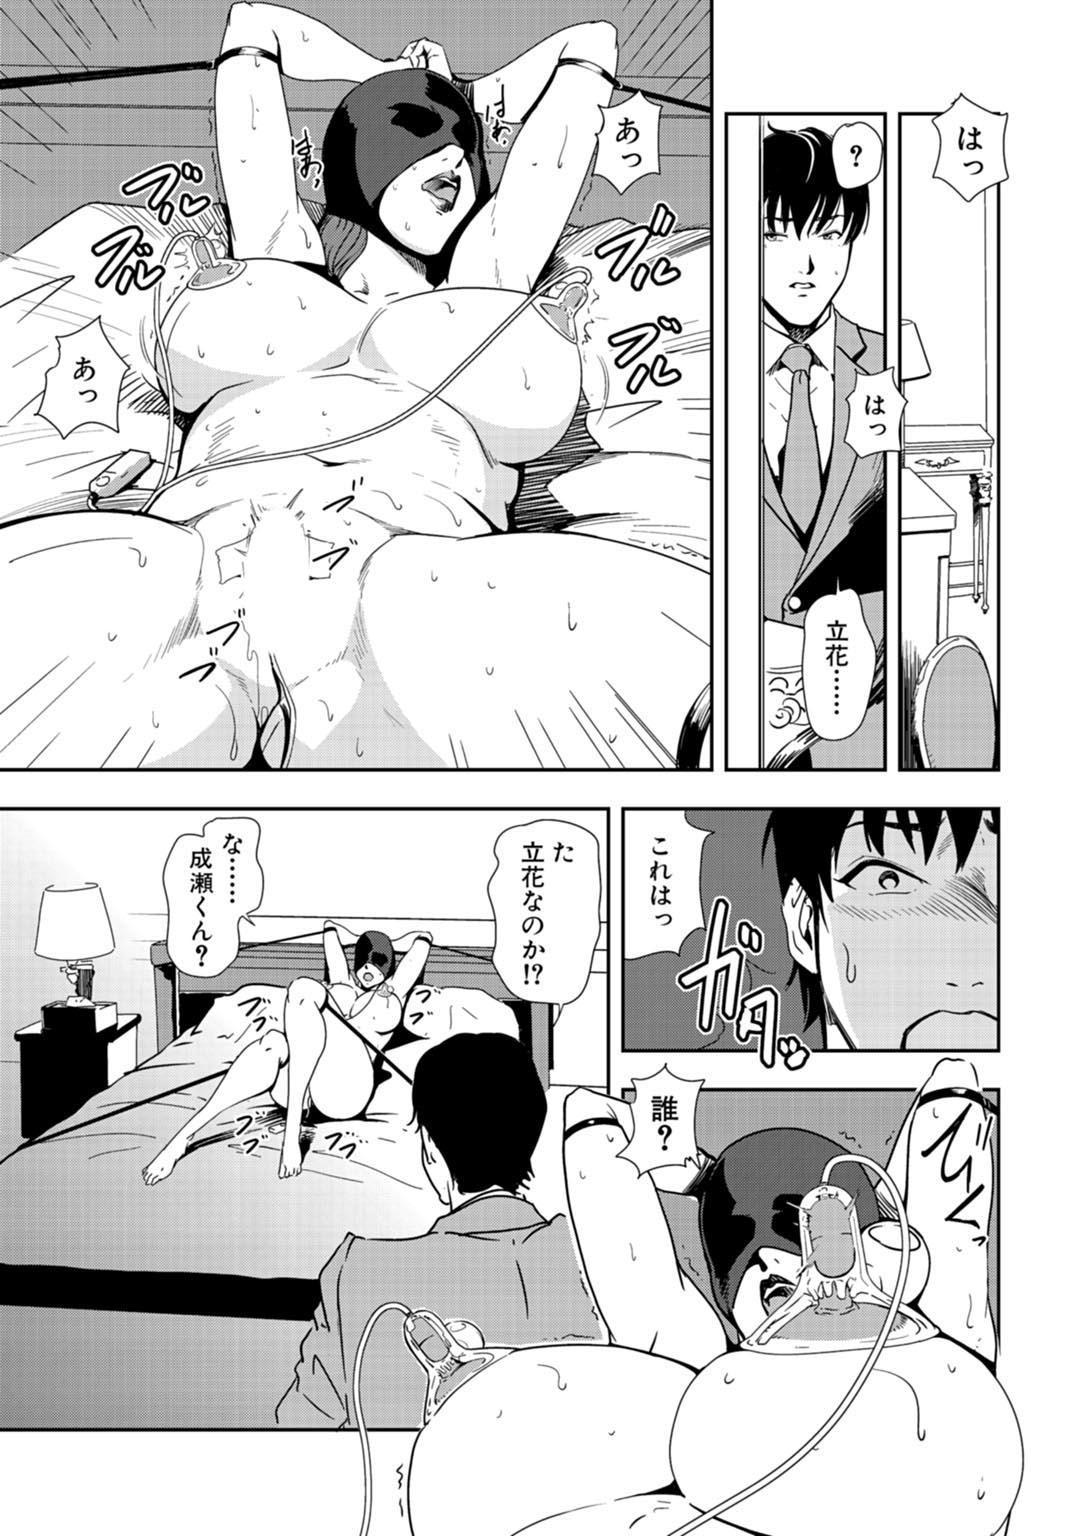 Nikuhisyo Yukiko 25 33